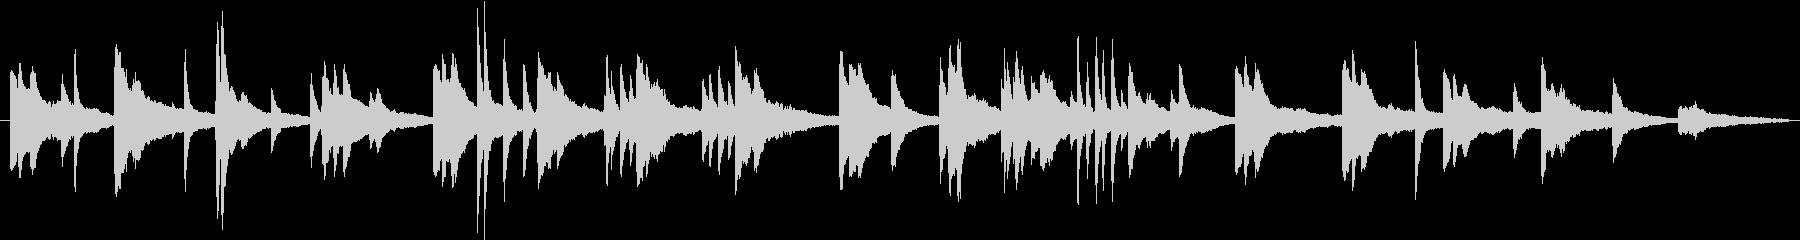 リラックスできるピアノ曲の未再生の波形